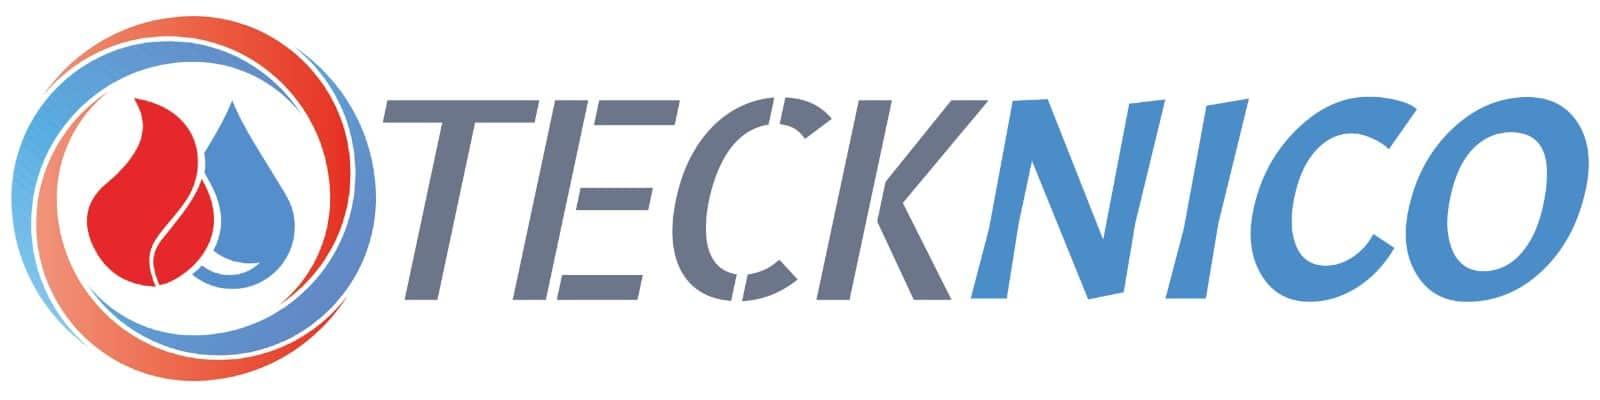 Tecknico Entreprise – Plomberie Chauffage Climatisation à Audenge